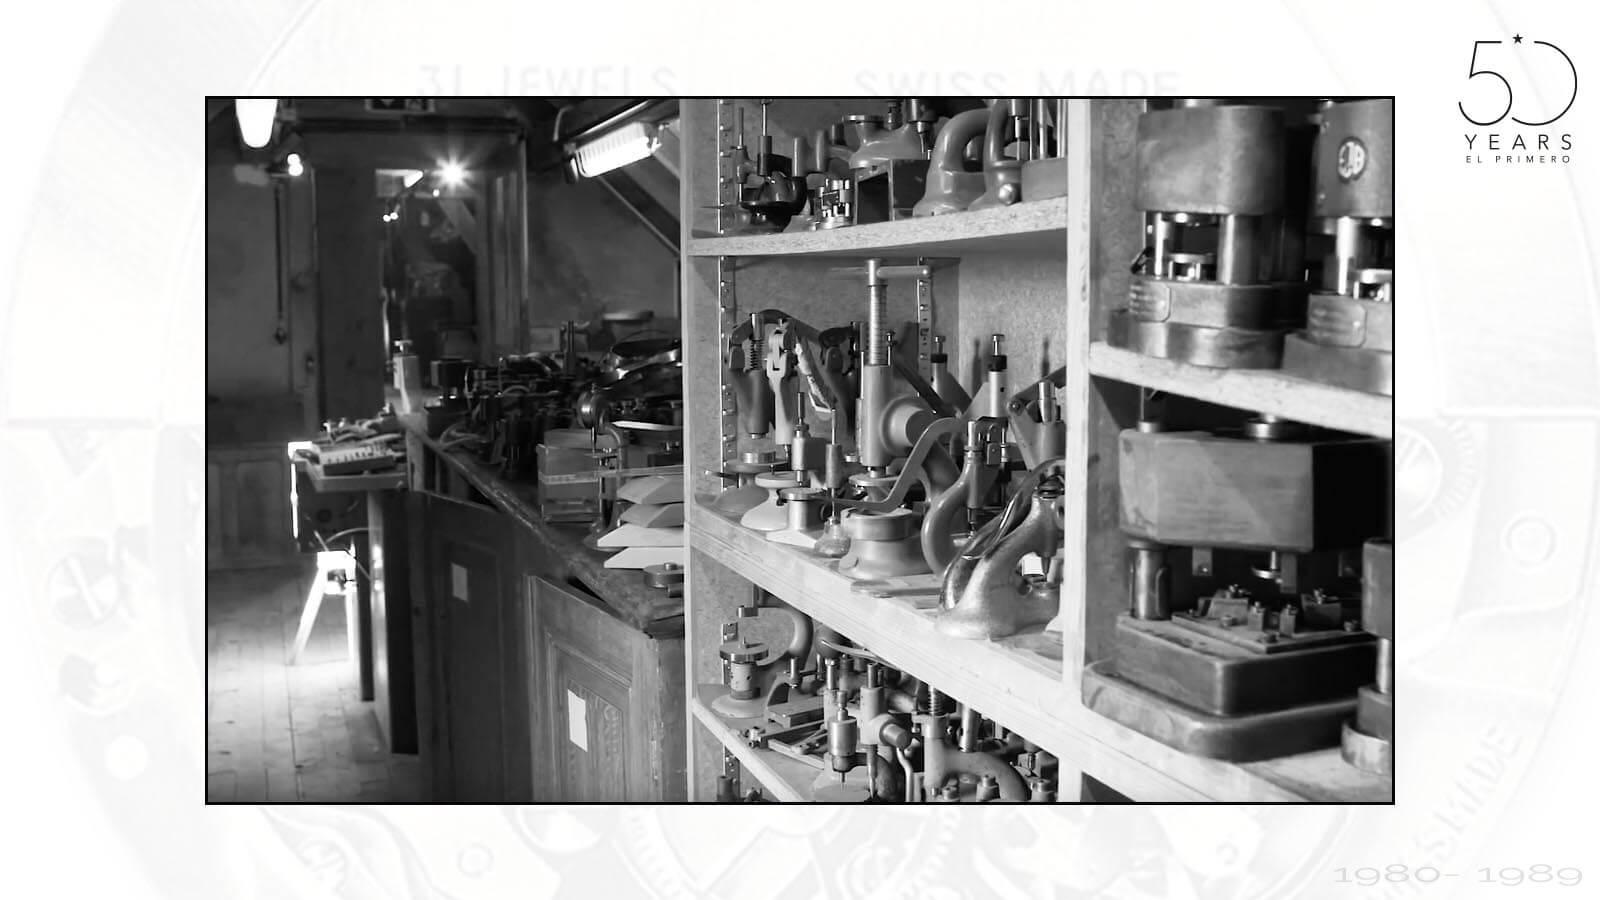 Dachboden auf dem Charles Vermot die Teile, Werkzeuge und Pressen für das El Primero vor dem sicheren Untergang bewahrte